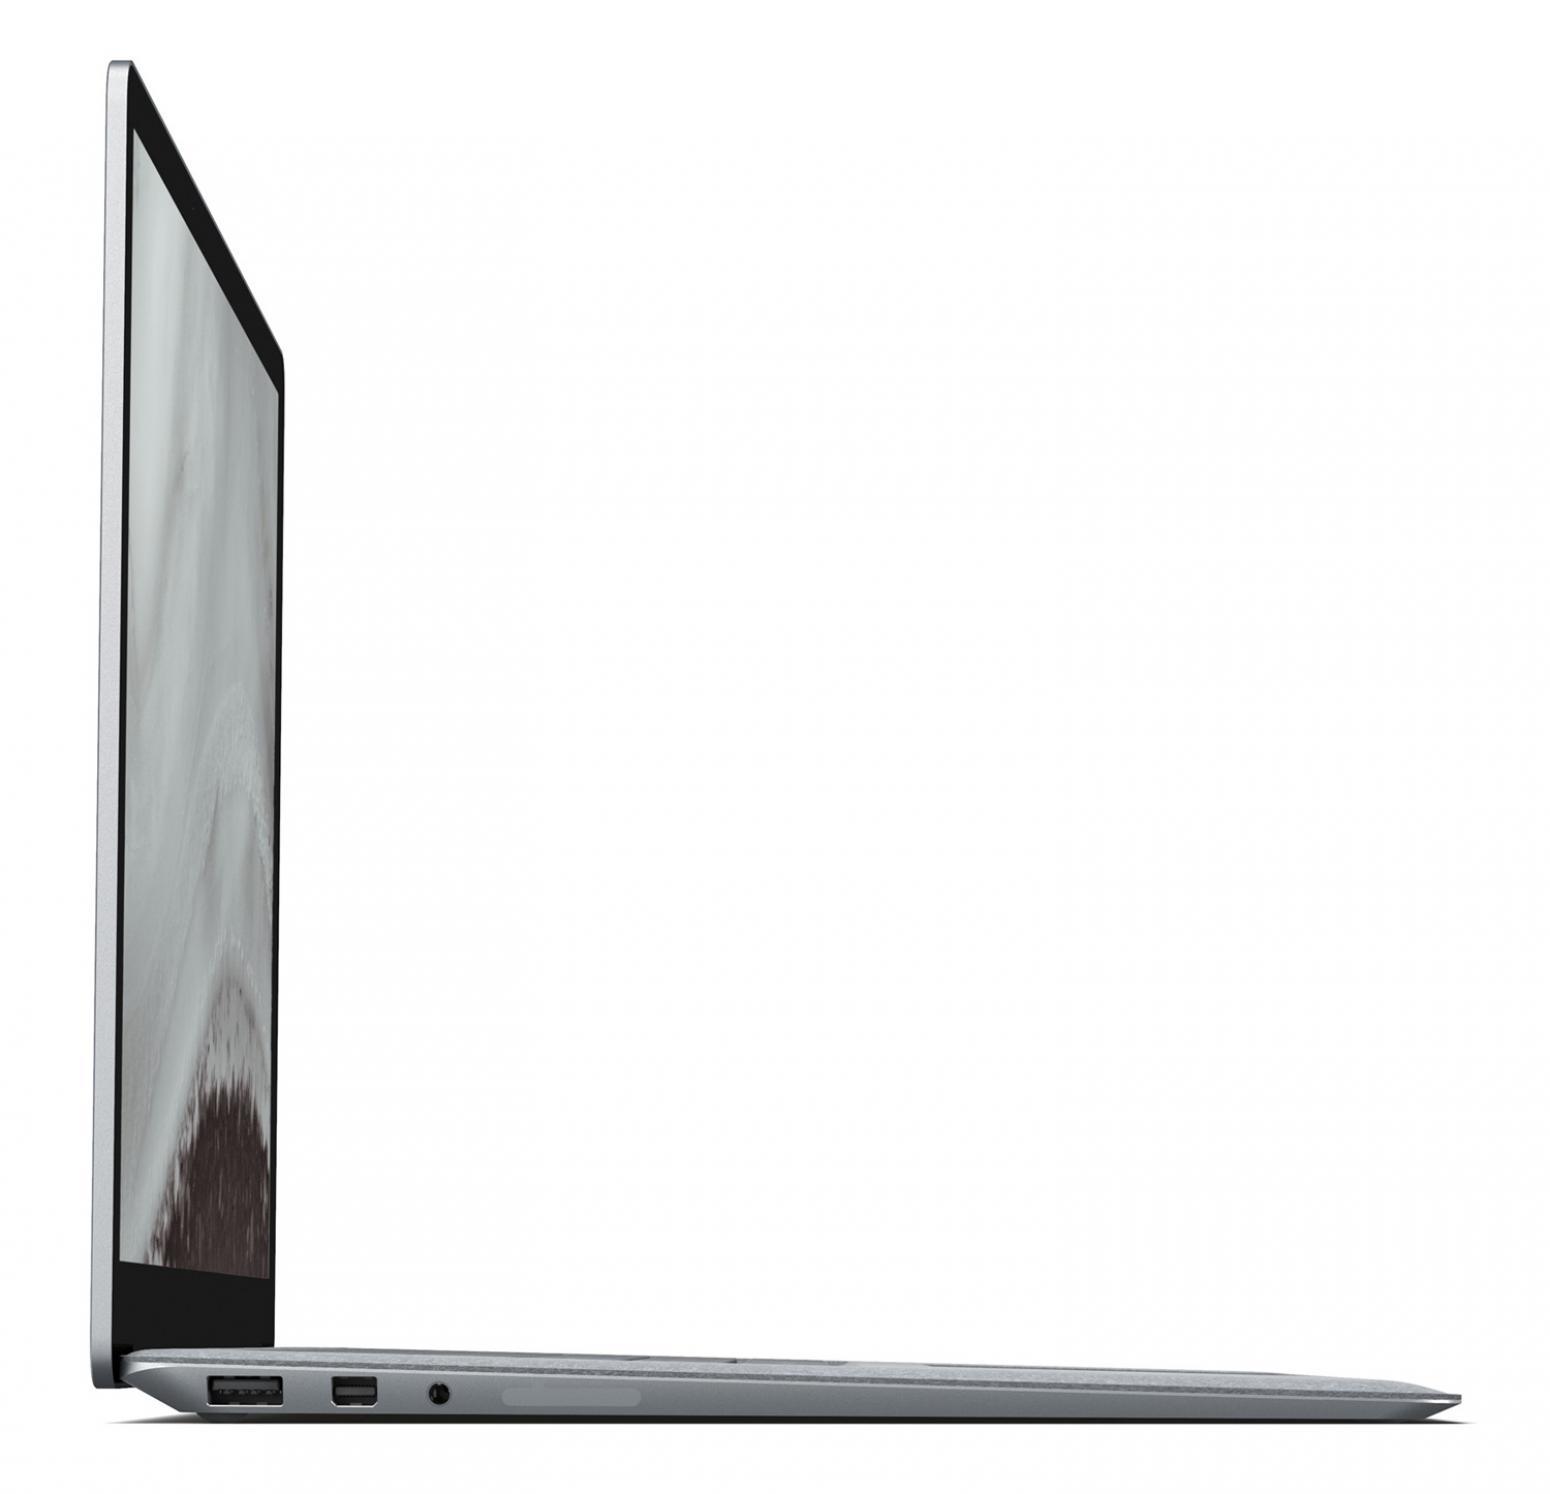 Ordinateur portable Microsoft Surface Laptop 2 - Core i5, 8 Go, 256 Go Tactile - photo 6